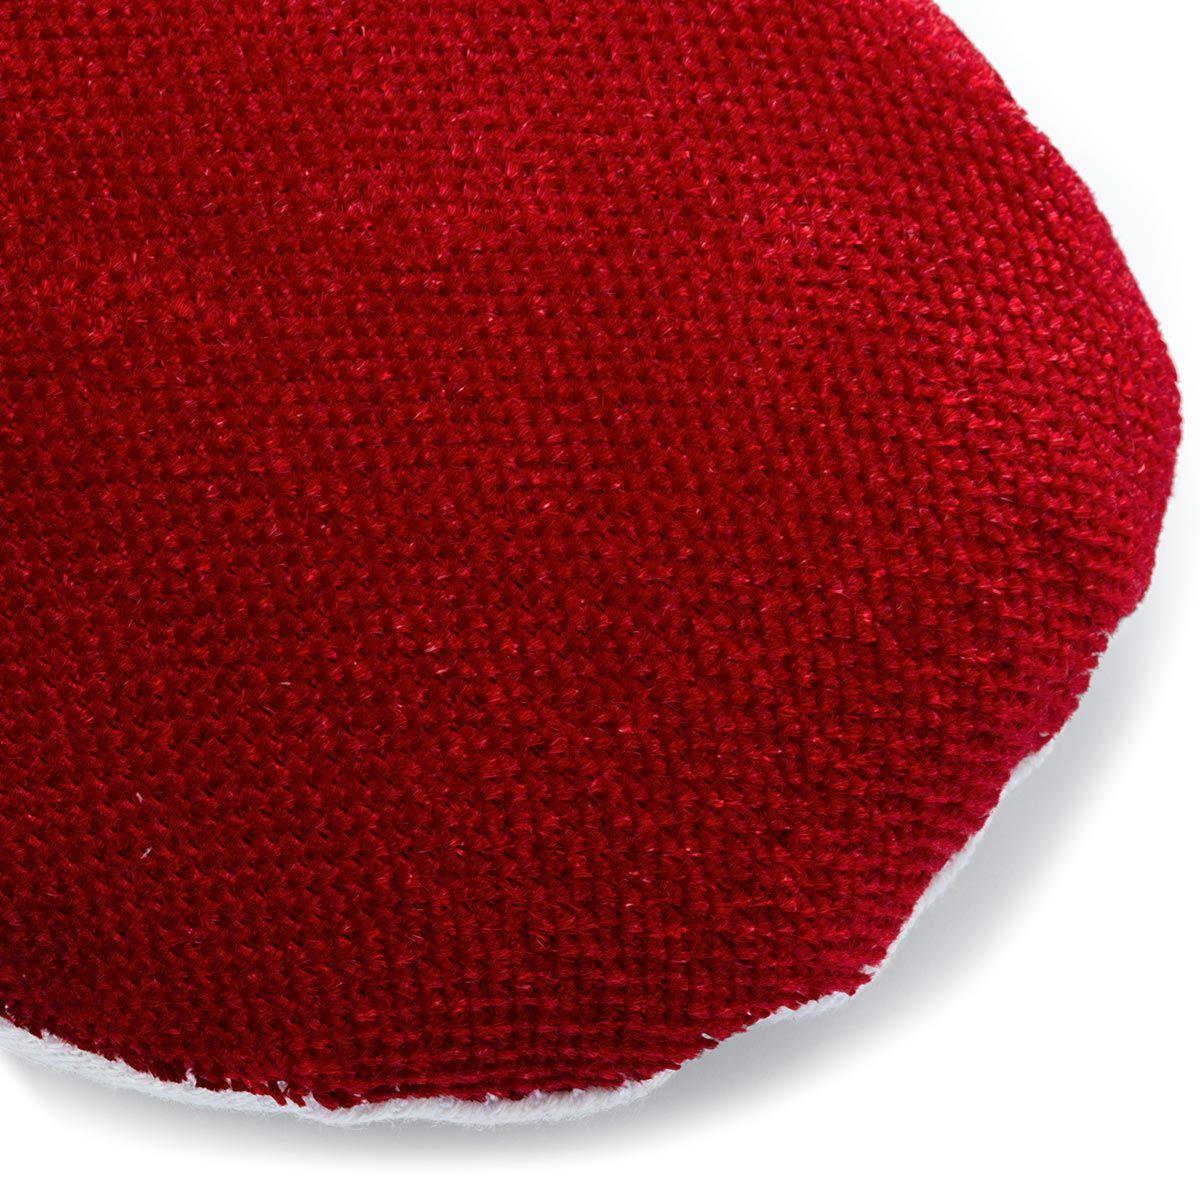 Gant de repassage DUO avec brosse anti-peluches